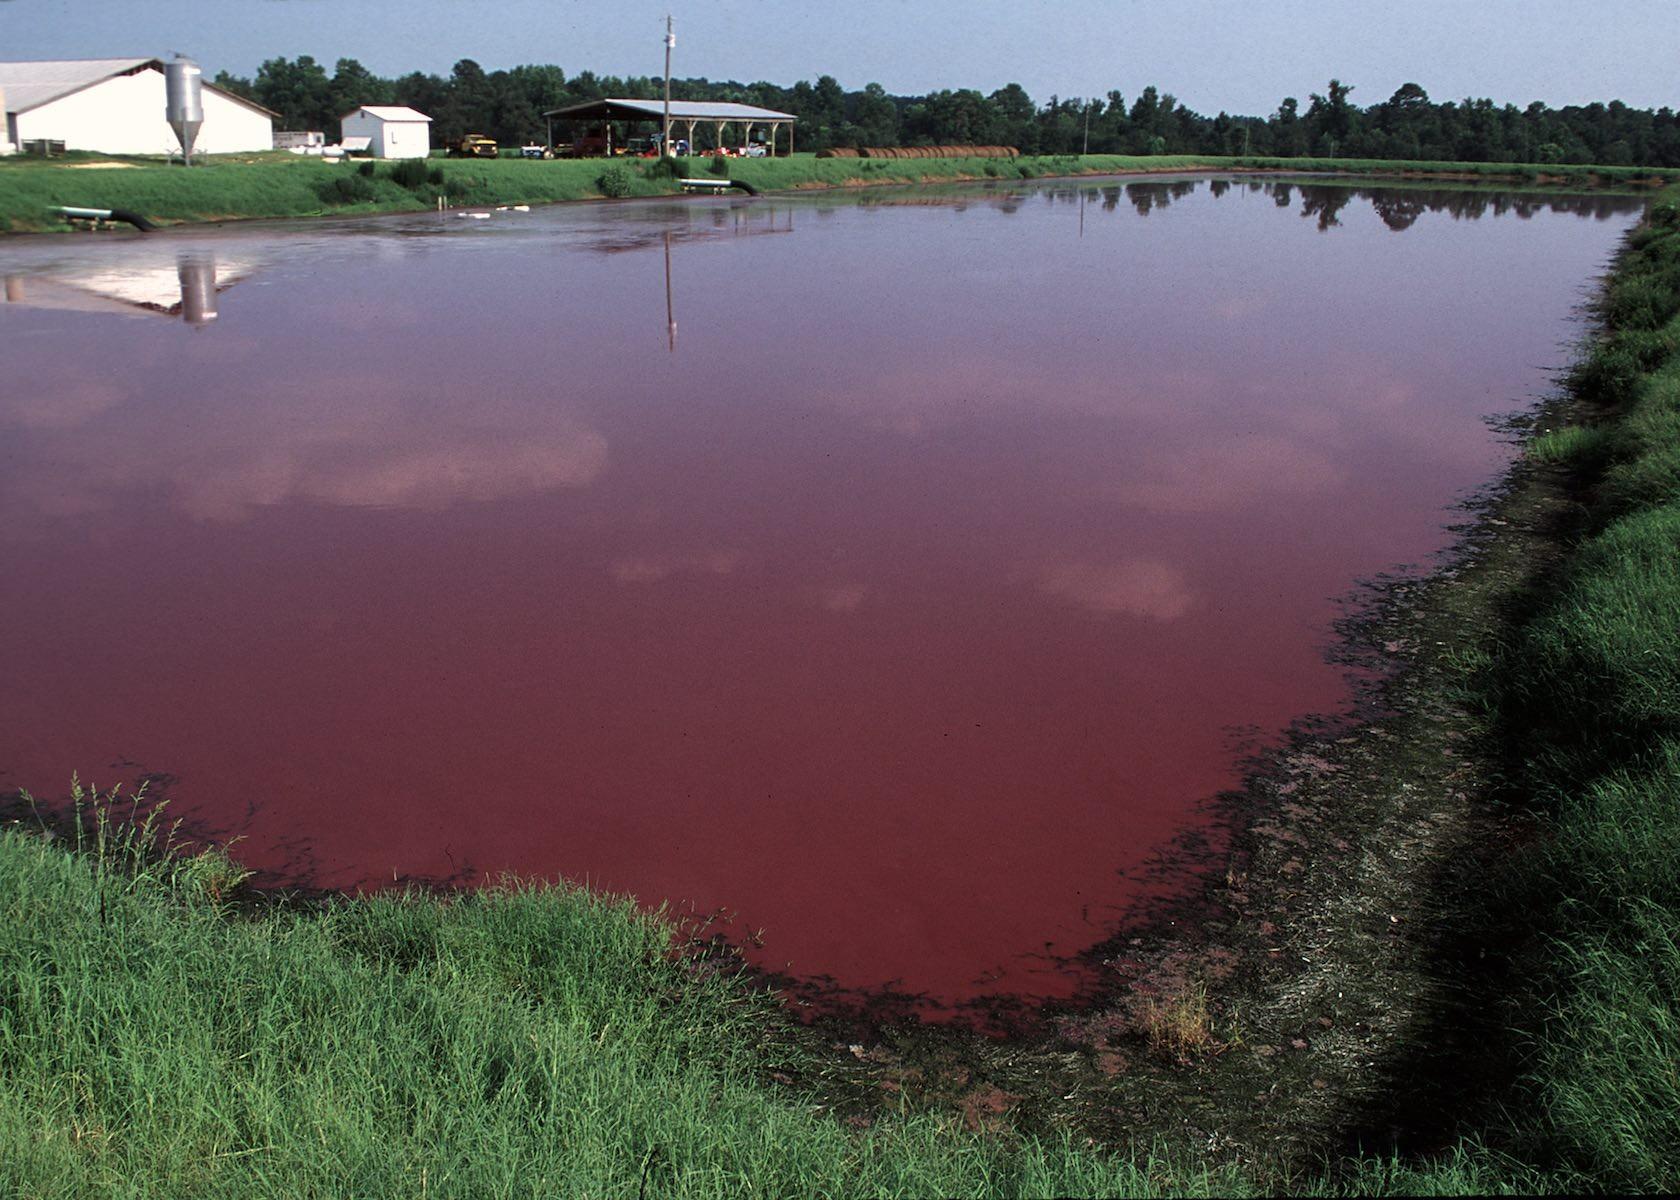 North Carolina manure lagoon